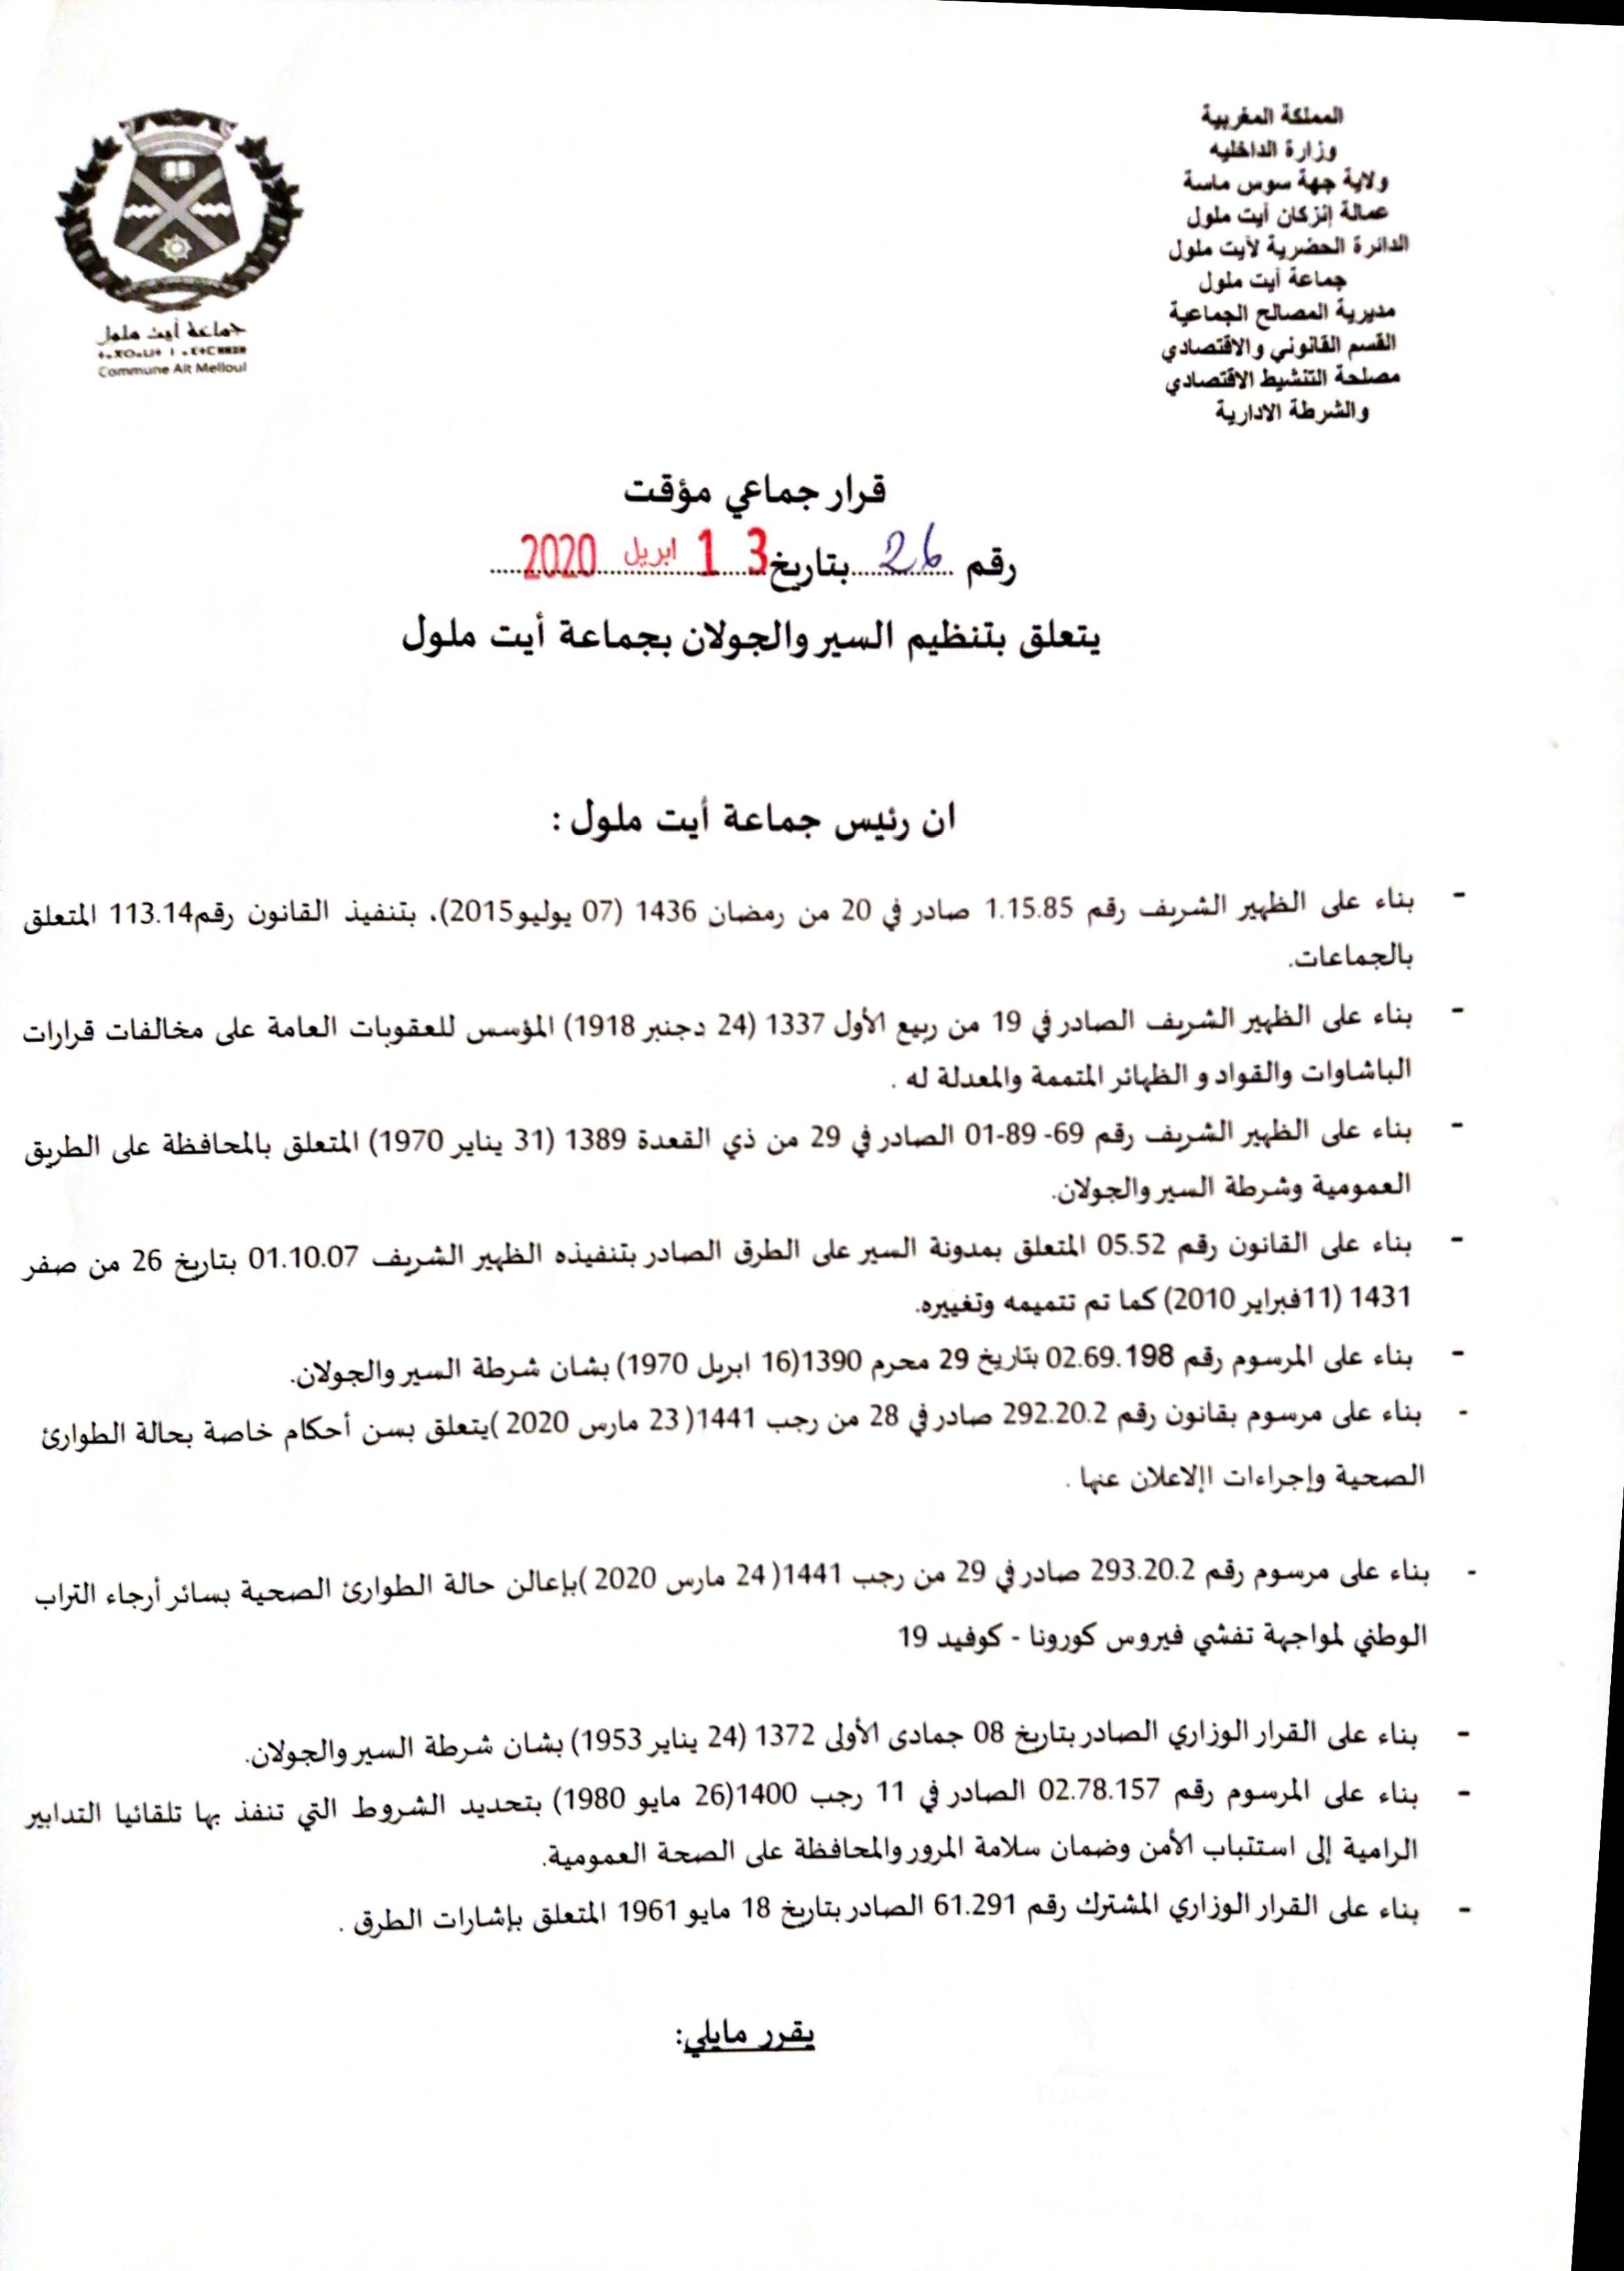 قرار جماعي رقم 26 بتاريخ 13 أبريل 2020 يتعلق بتنظيم السير والجولان بجماعة أيت ملول